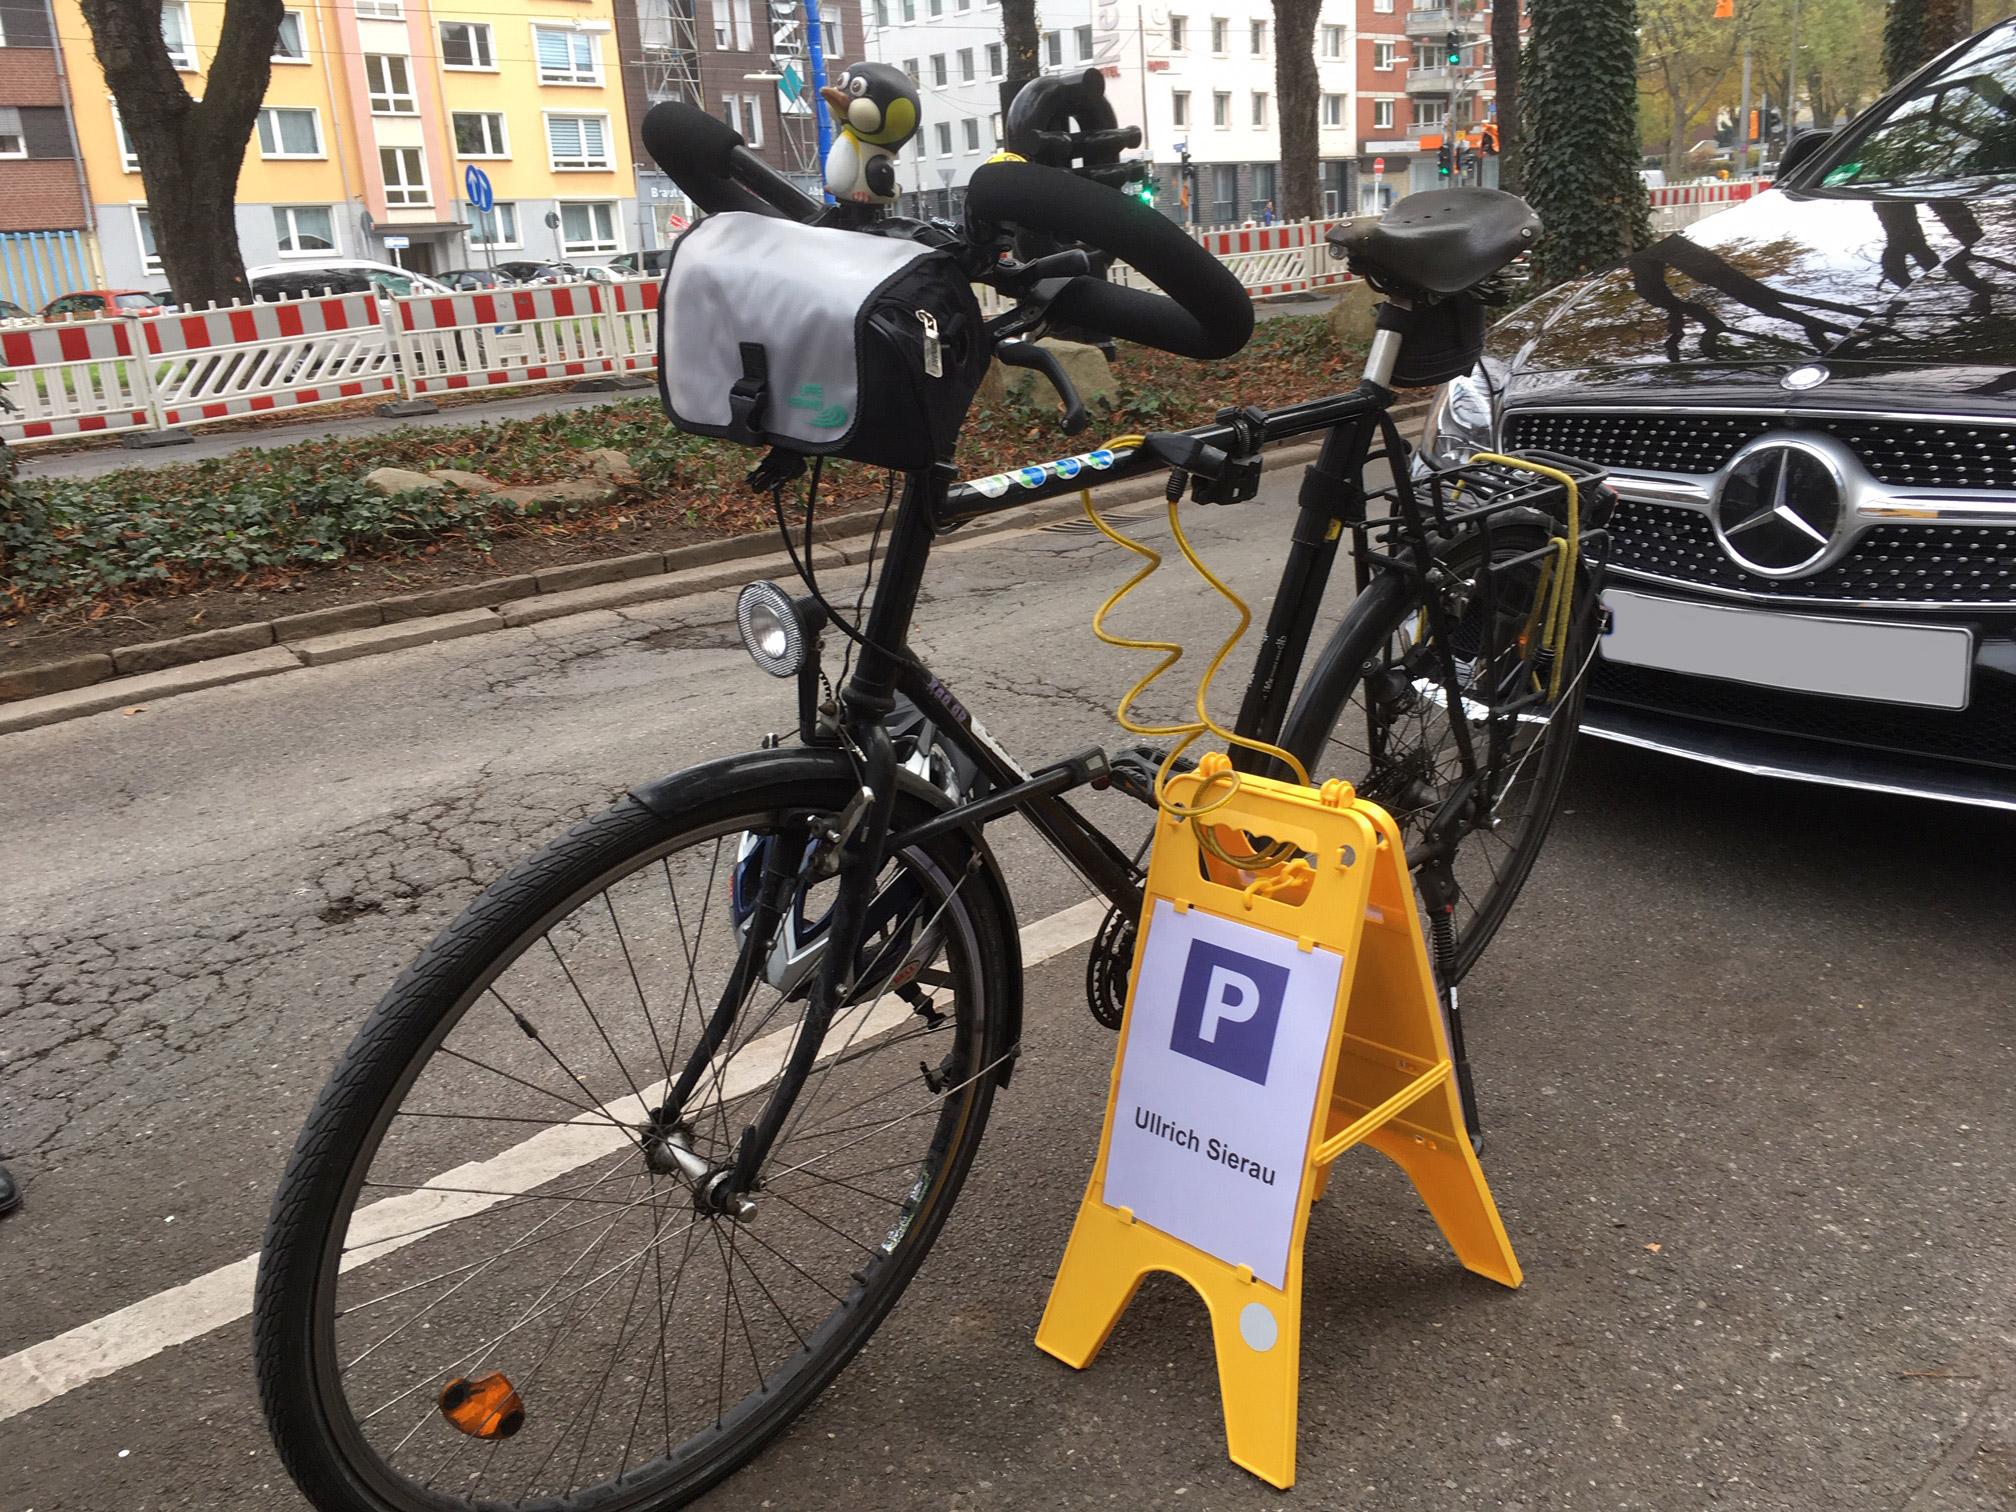 Das Fahrrad von Dortmunds Oberbürgermeister Sierau auf deinem Parkplatz